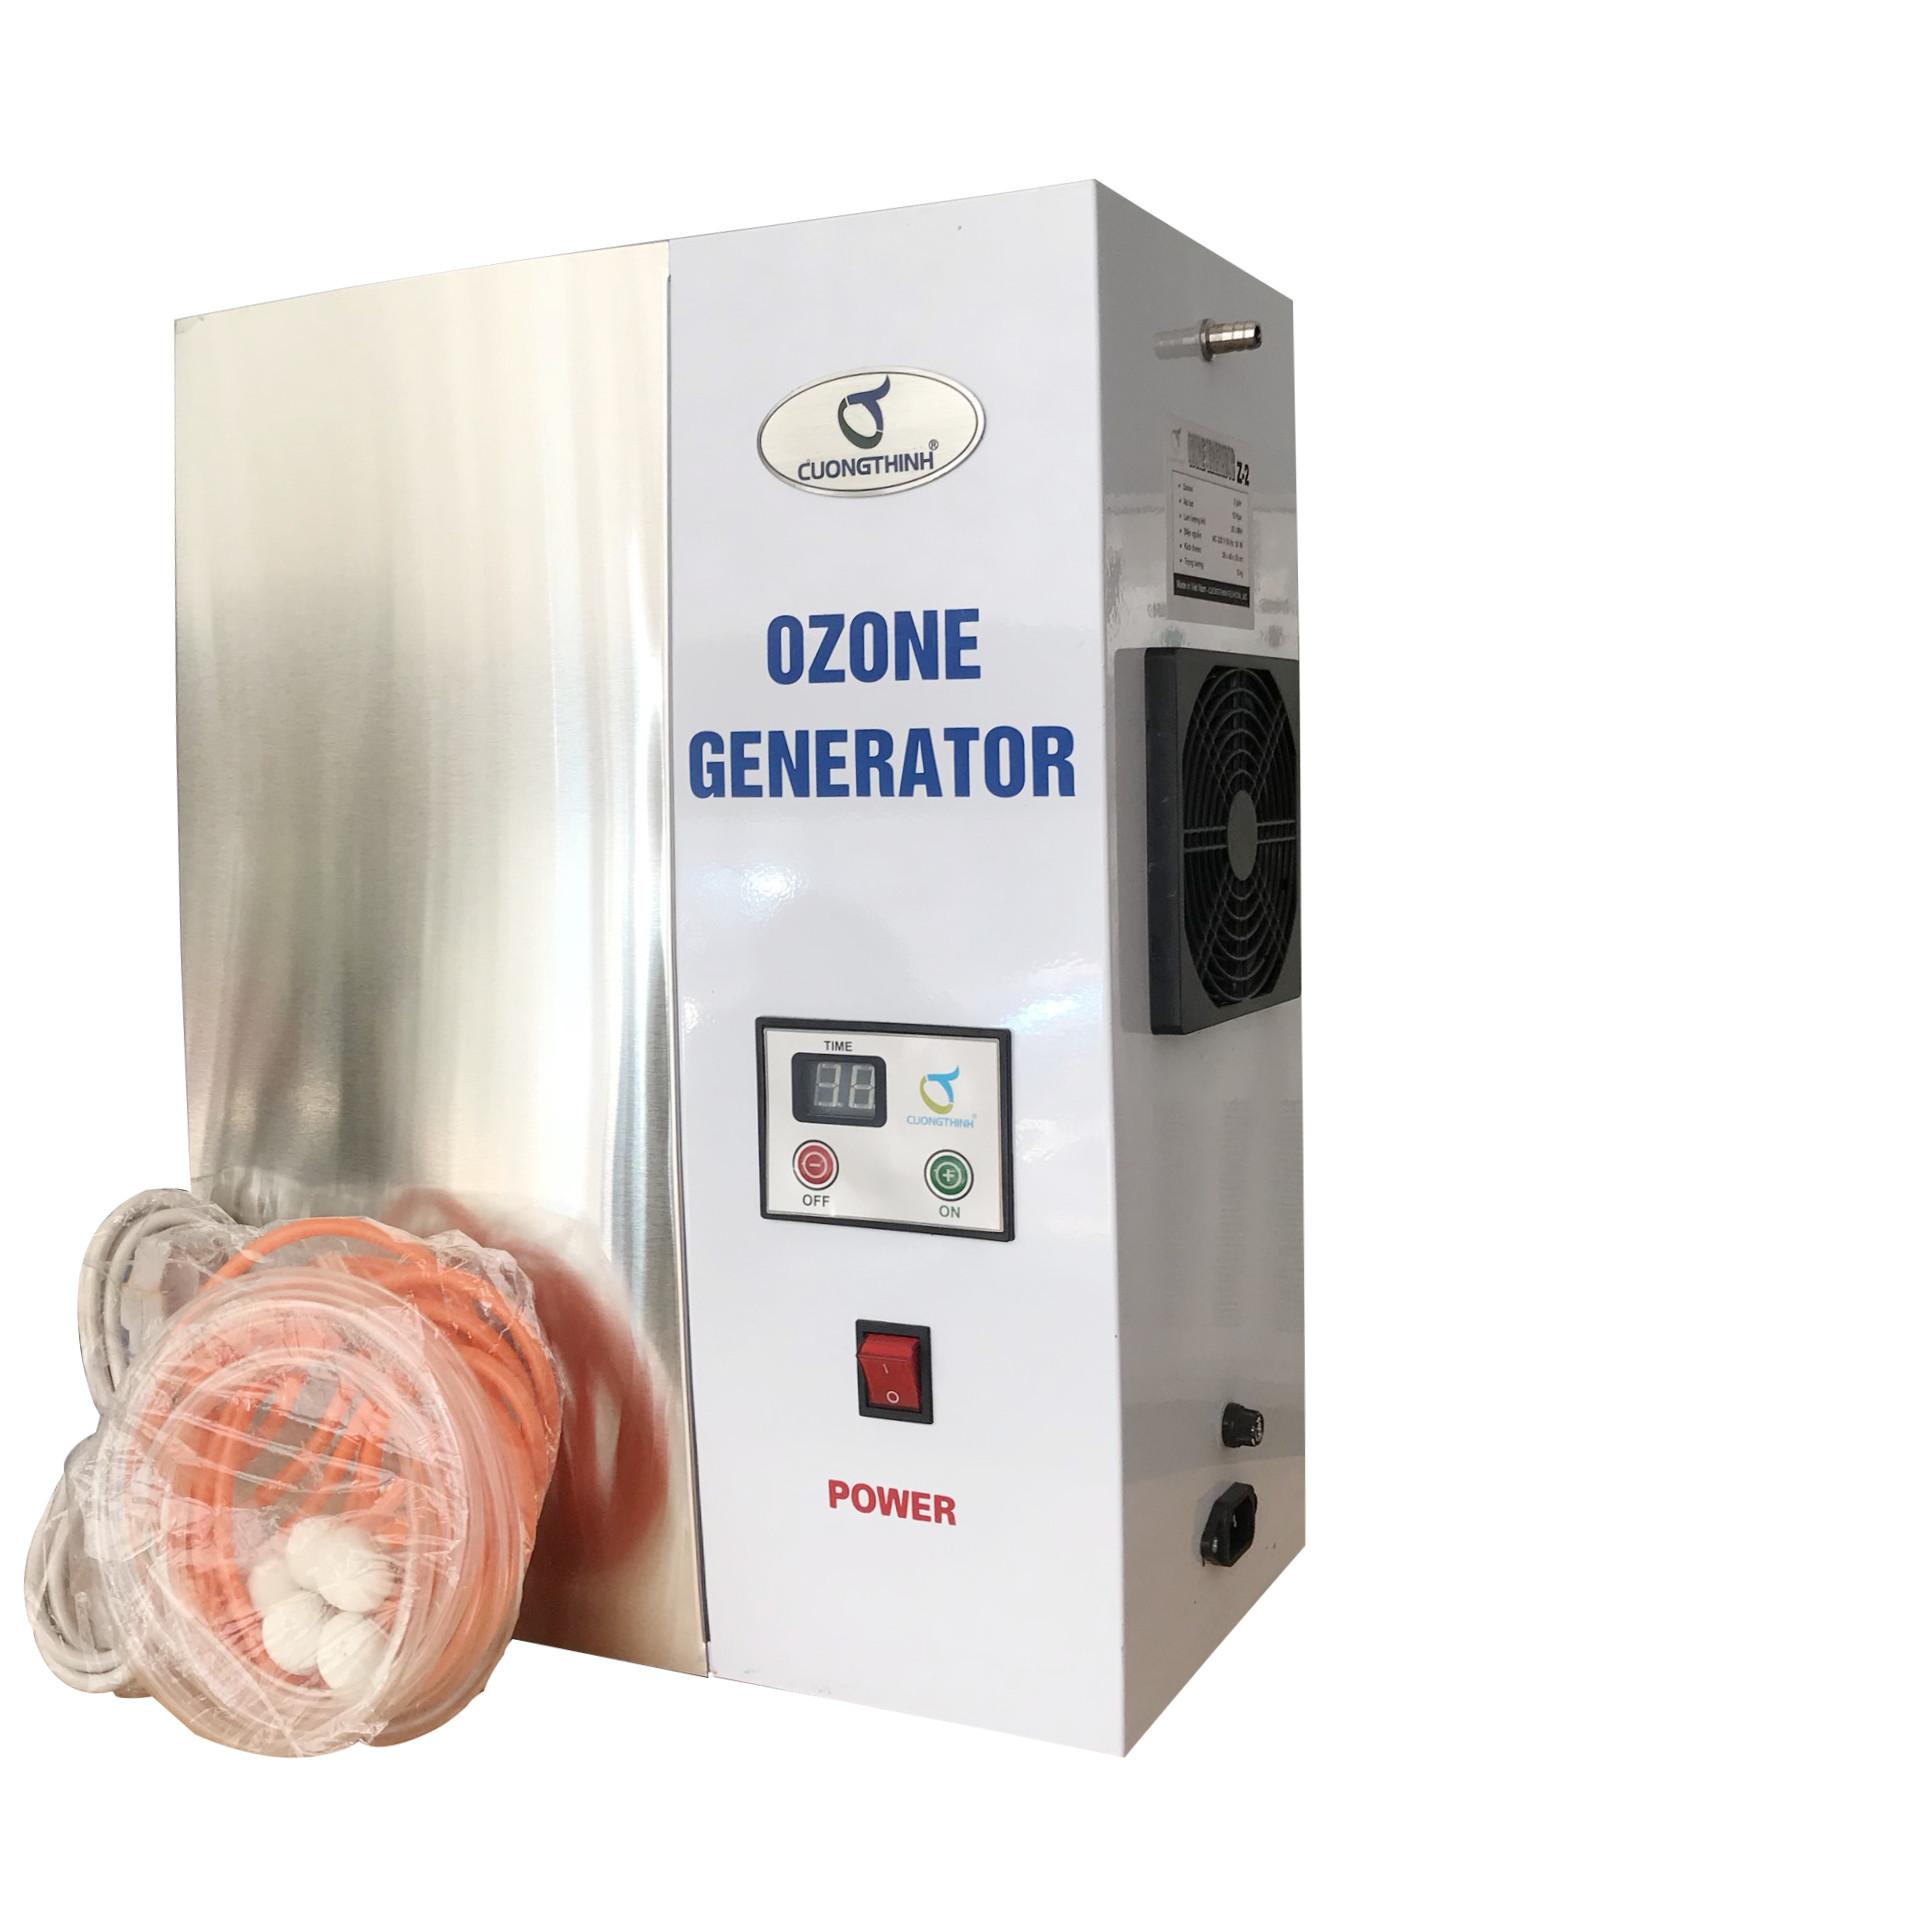 Máy tạo khí ozone khử độc diệt khuẩn công nghiệp Z-2 - Hàng chính hãng Cường Thịnh